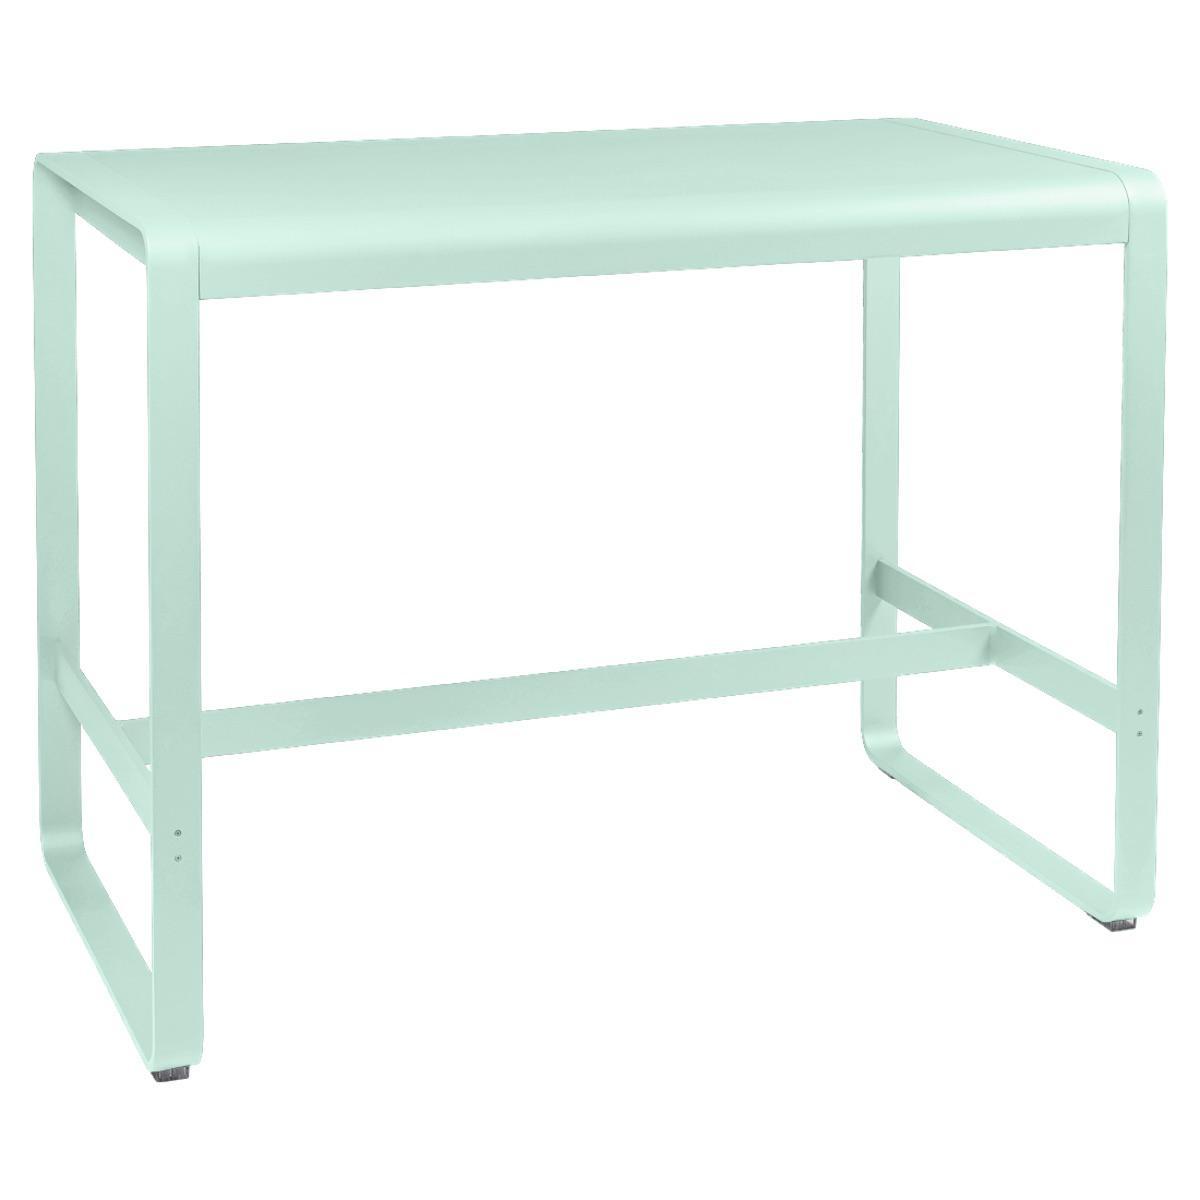 Table haute 80x140cm BELLEVIE Fermob menthe glaciale